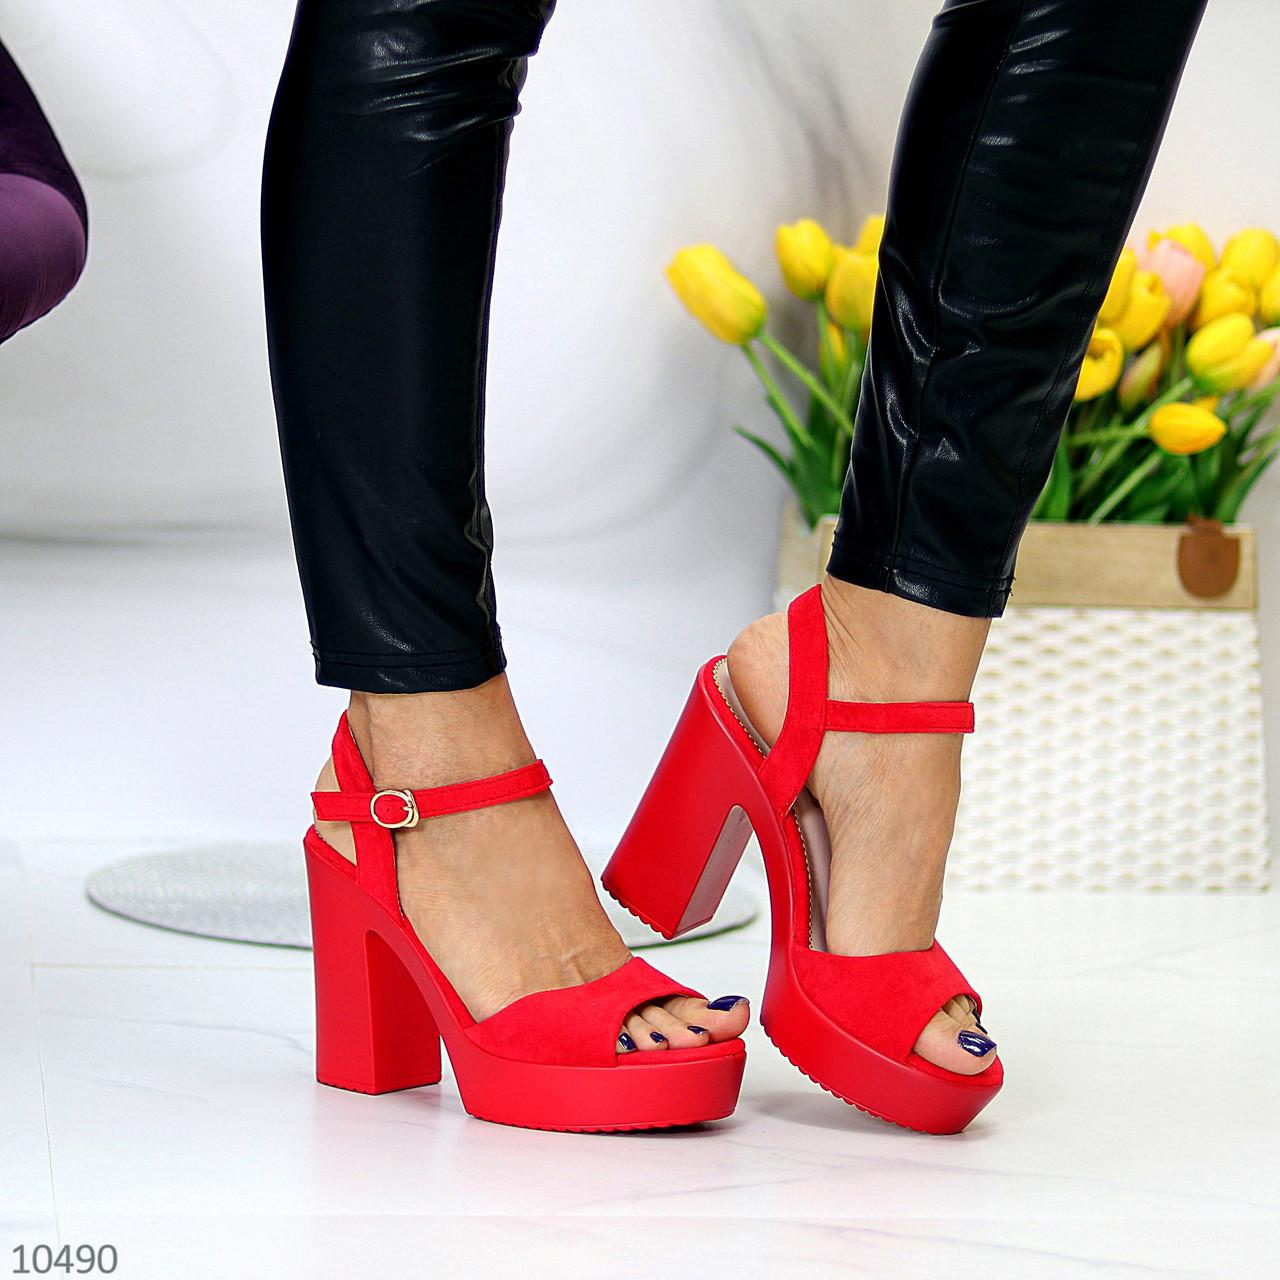 Босоножки женские красные на каблуке 12 см эко- замш